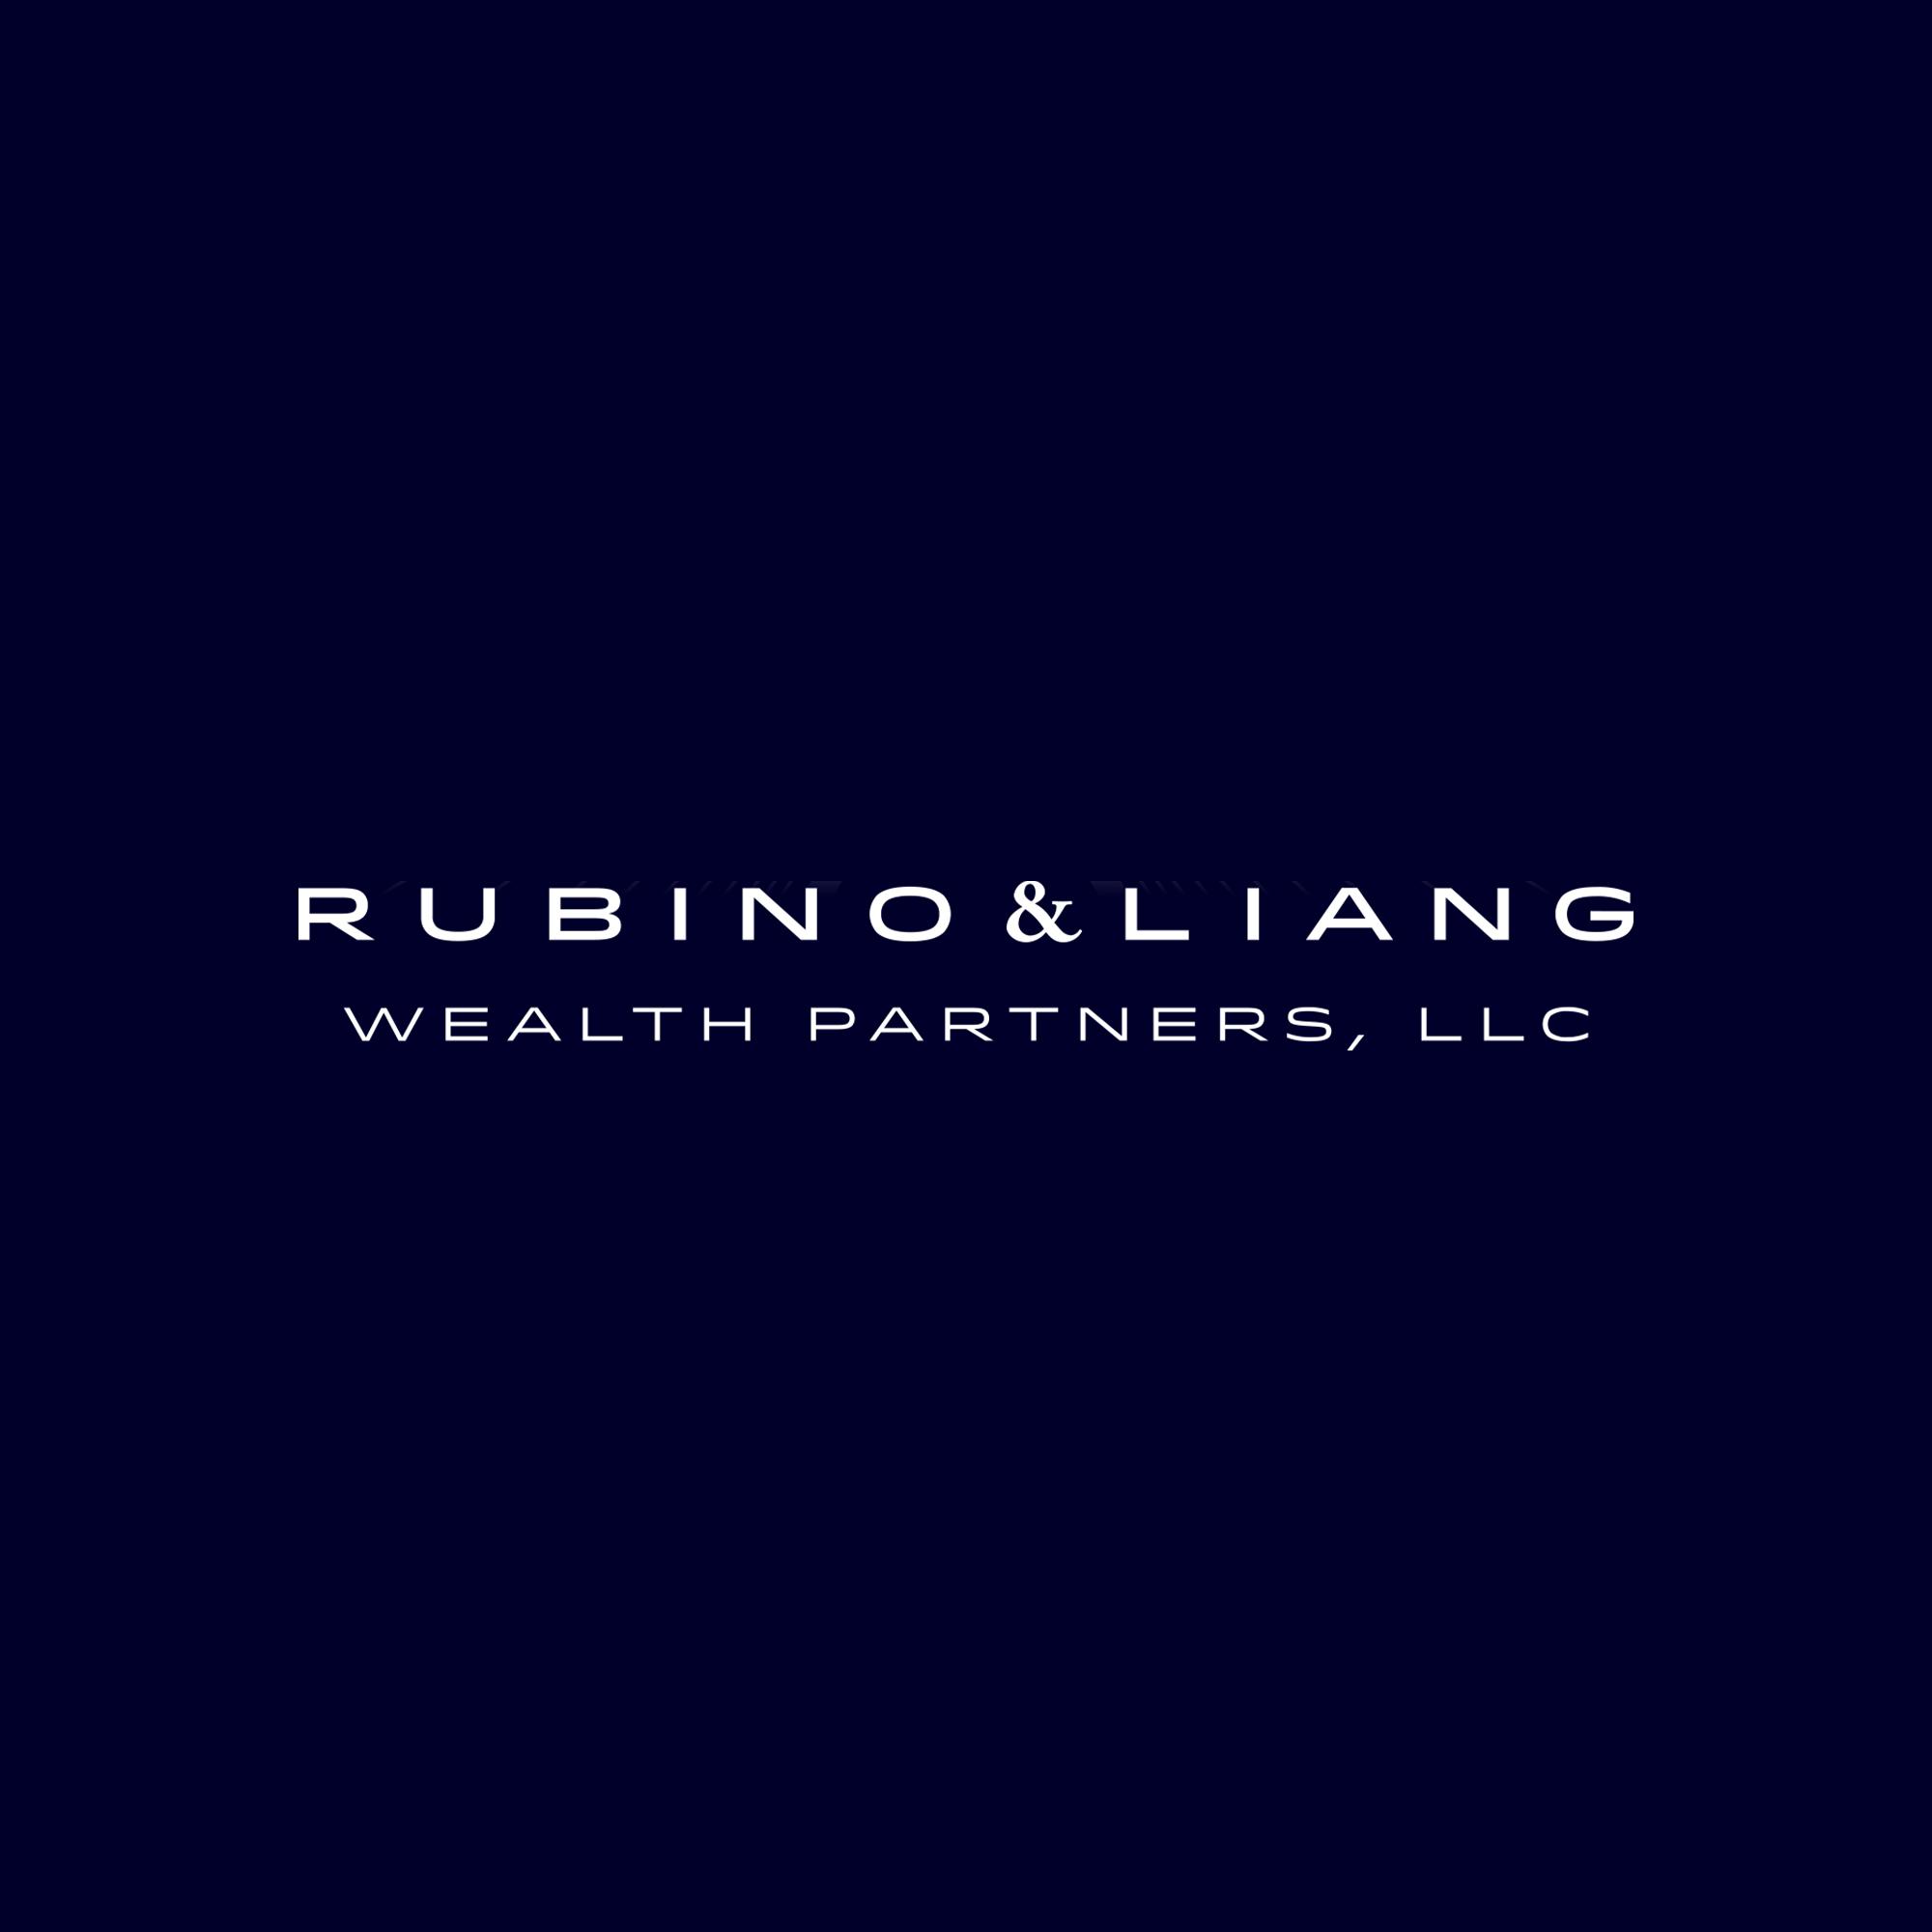 rubionliang